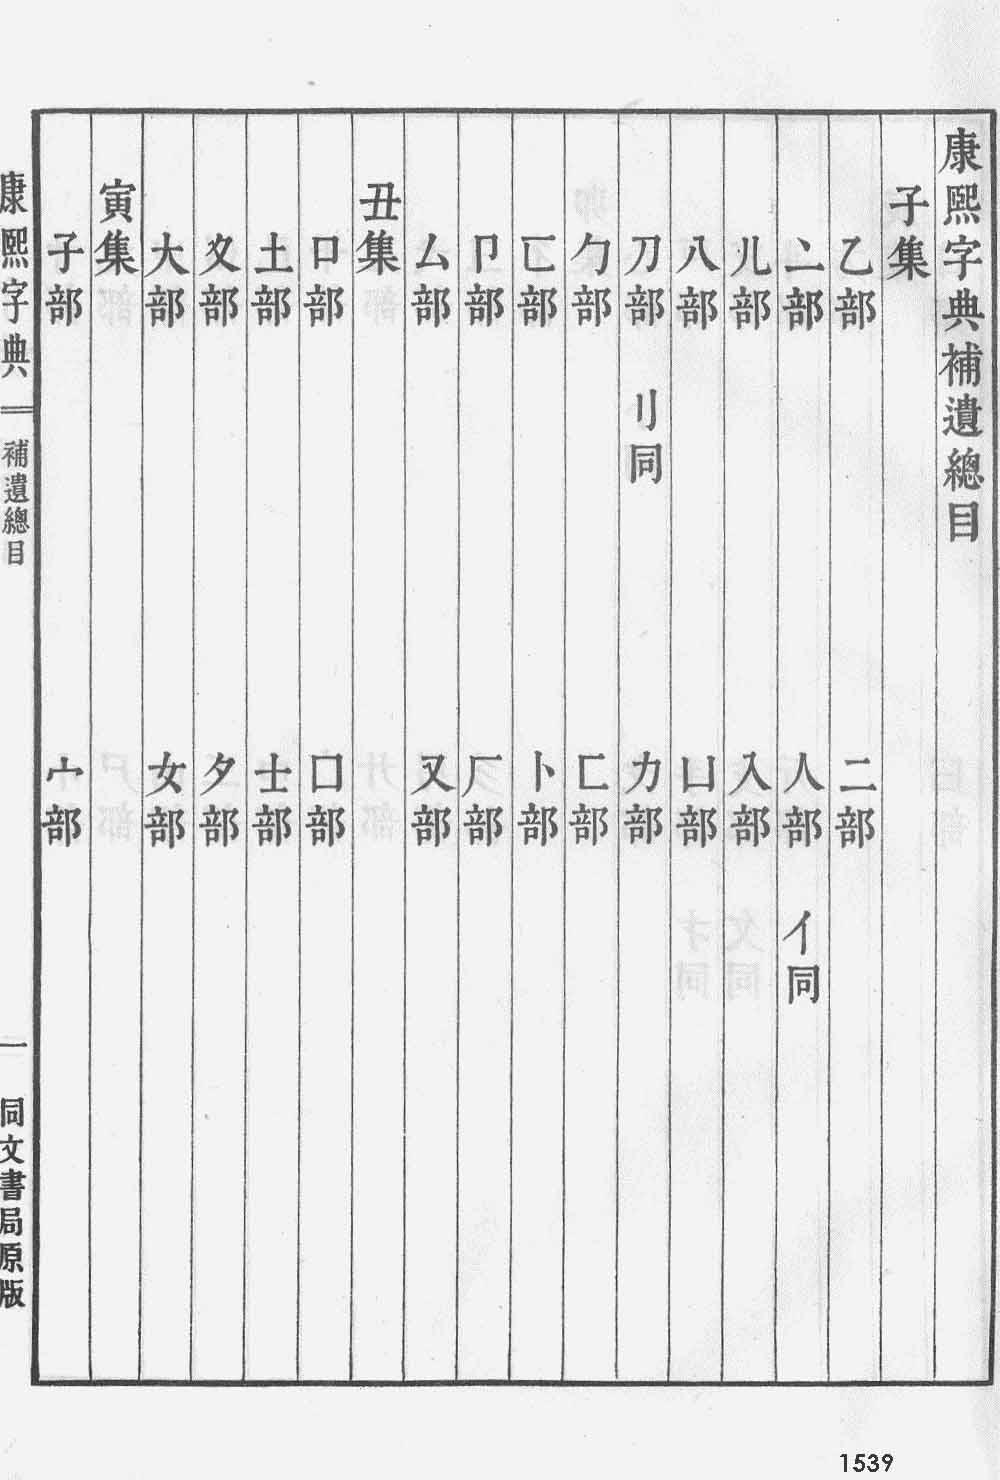 《康熙字典》第1539页